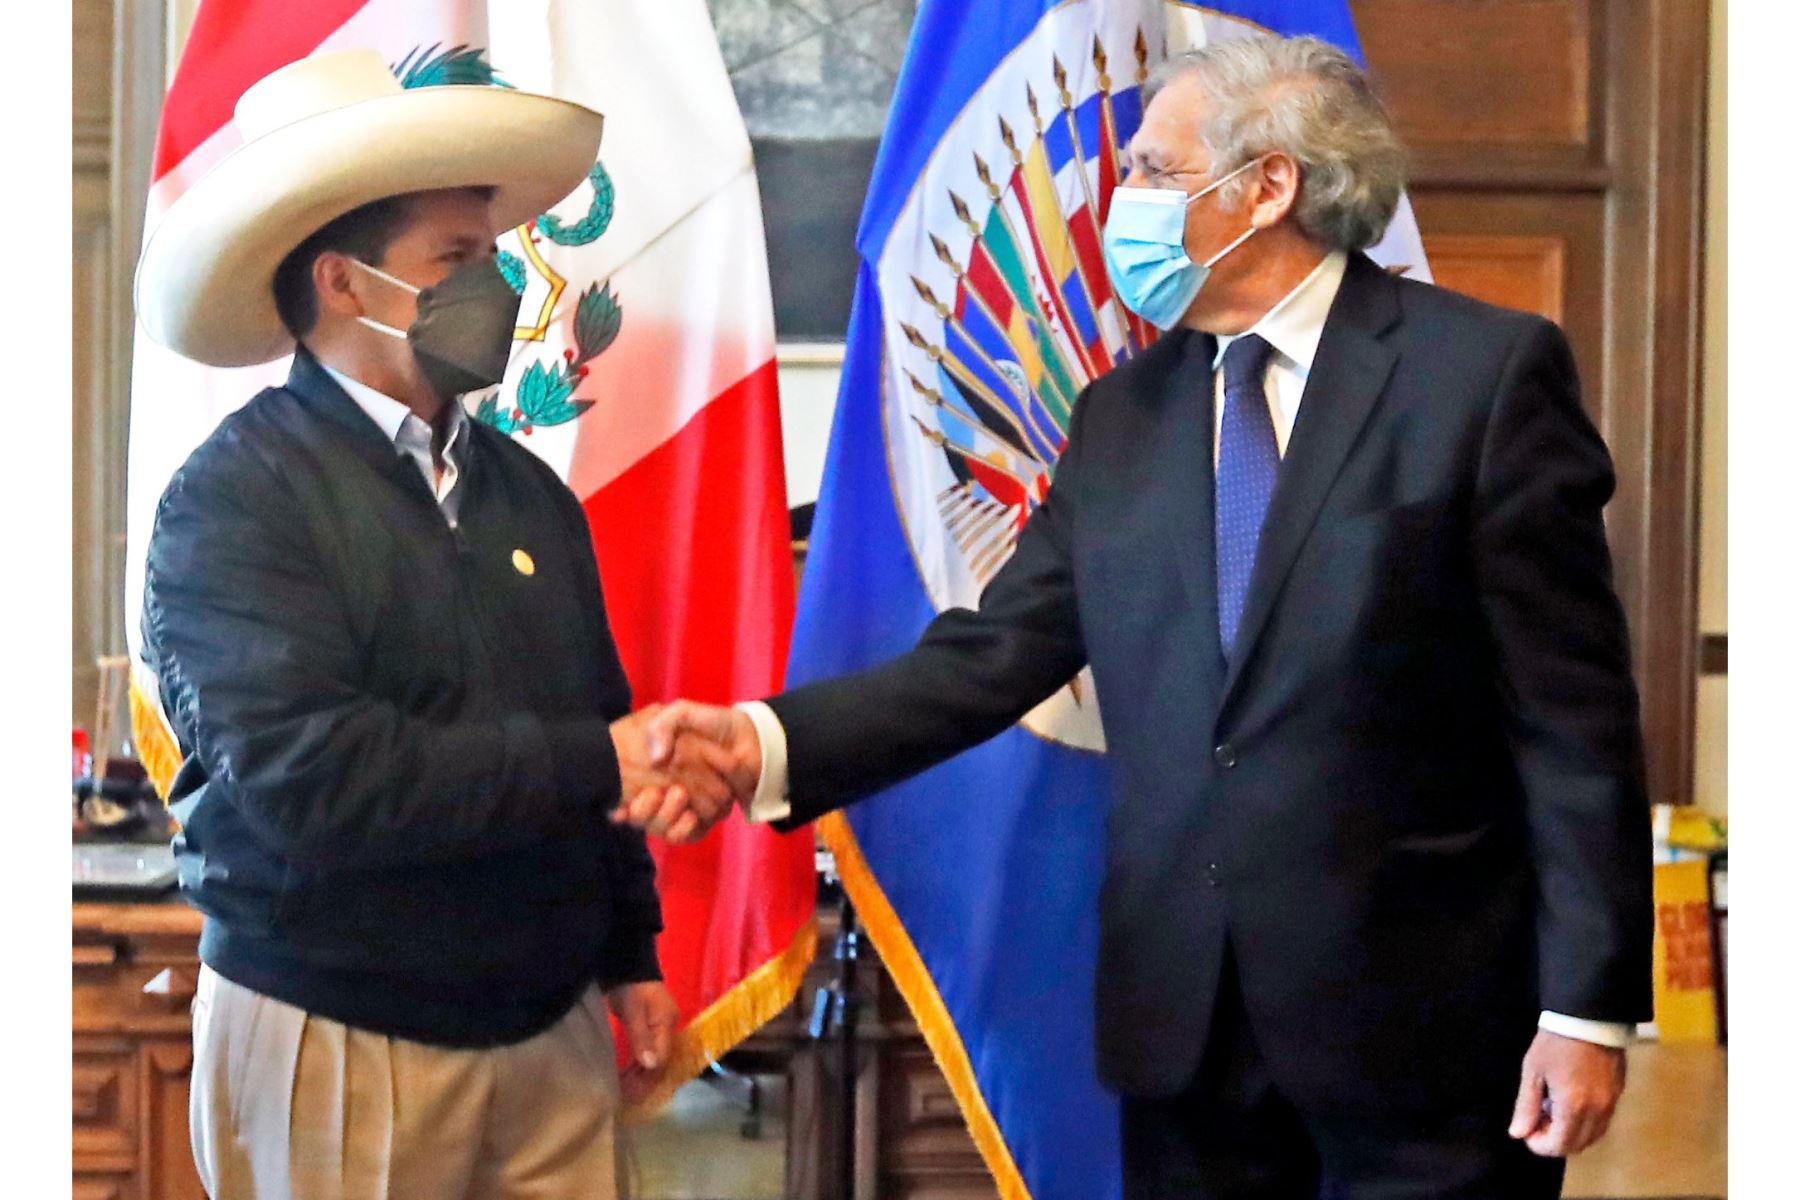 El presidente Pedro Castillo, recibió el saludo protocolar del secretario general de la OEA Luis Almagro. Foto: ANDINA/Prensa Presidencia